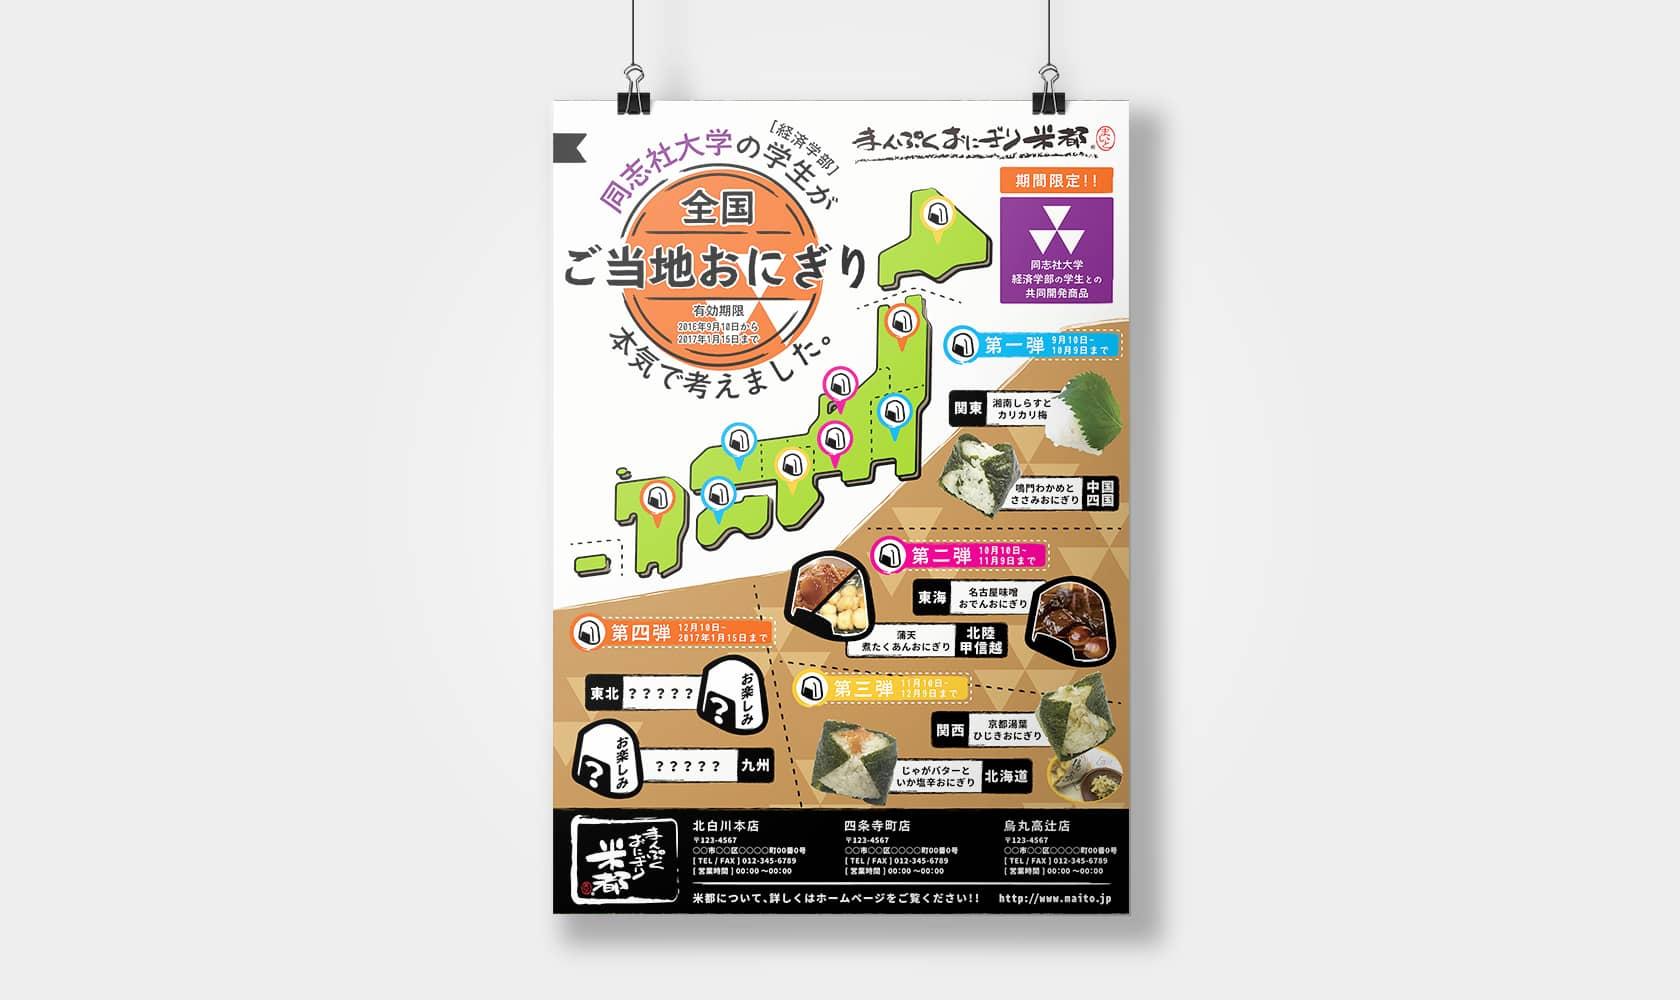 京都まんぷくおにぎり米都 / 同志社大学 経済学部共同開発 ご当地おにぎりポスター